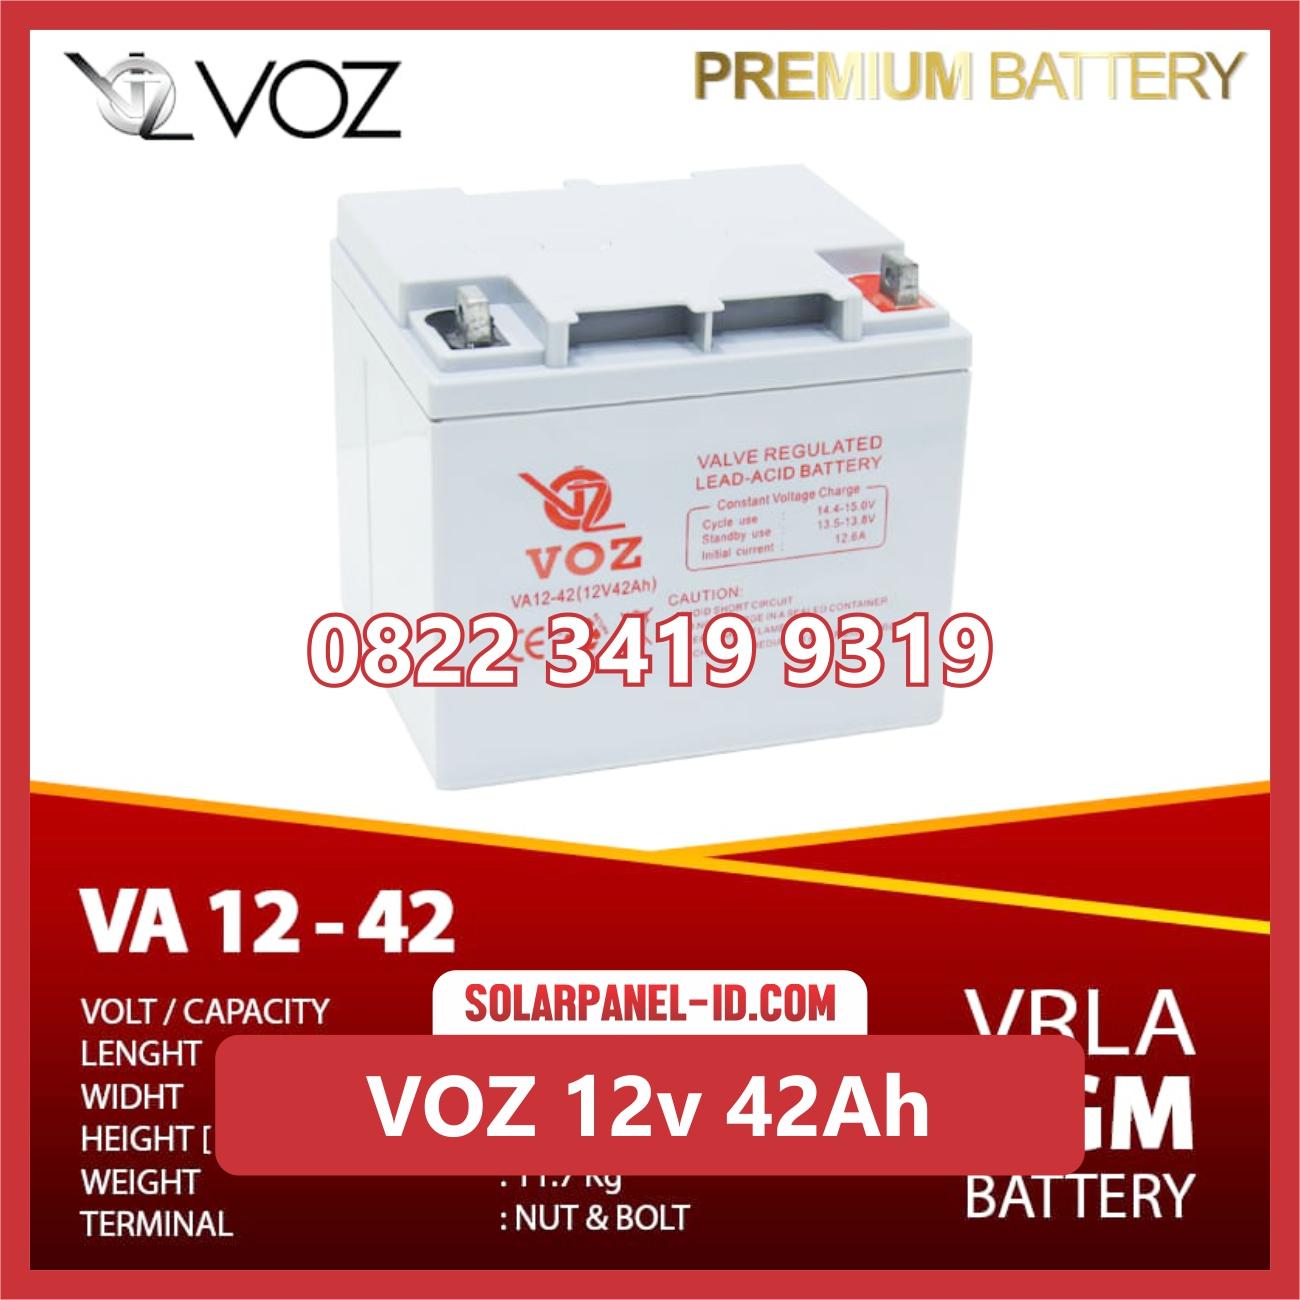 VOZ baterai kering 12v 42Ah baterai solarcell